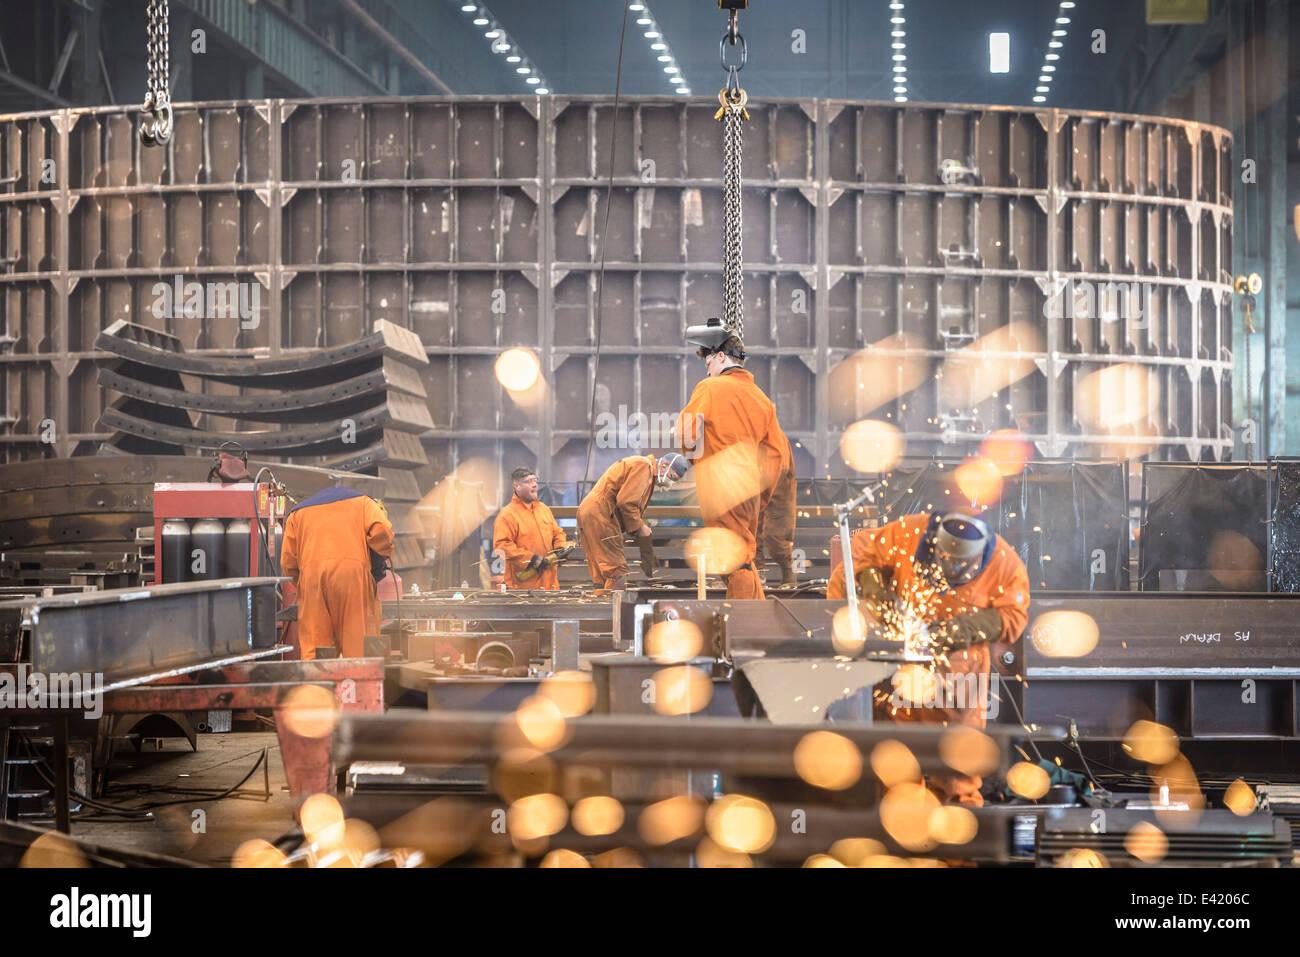 La macinazione dei lavoratori costruzioni di metallo in marine fabbrica di fabbricazione Immagini Stock